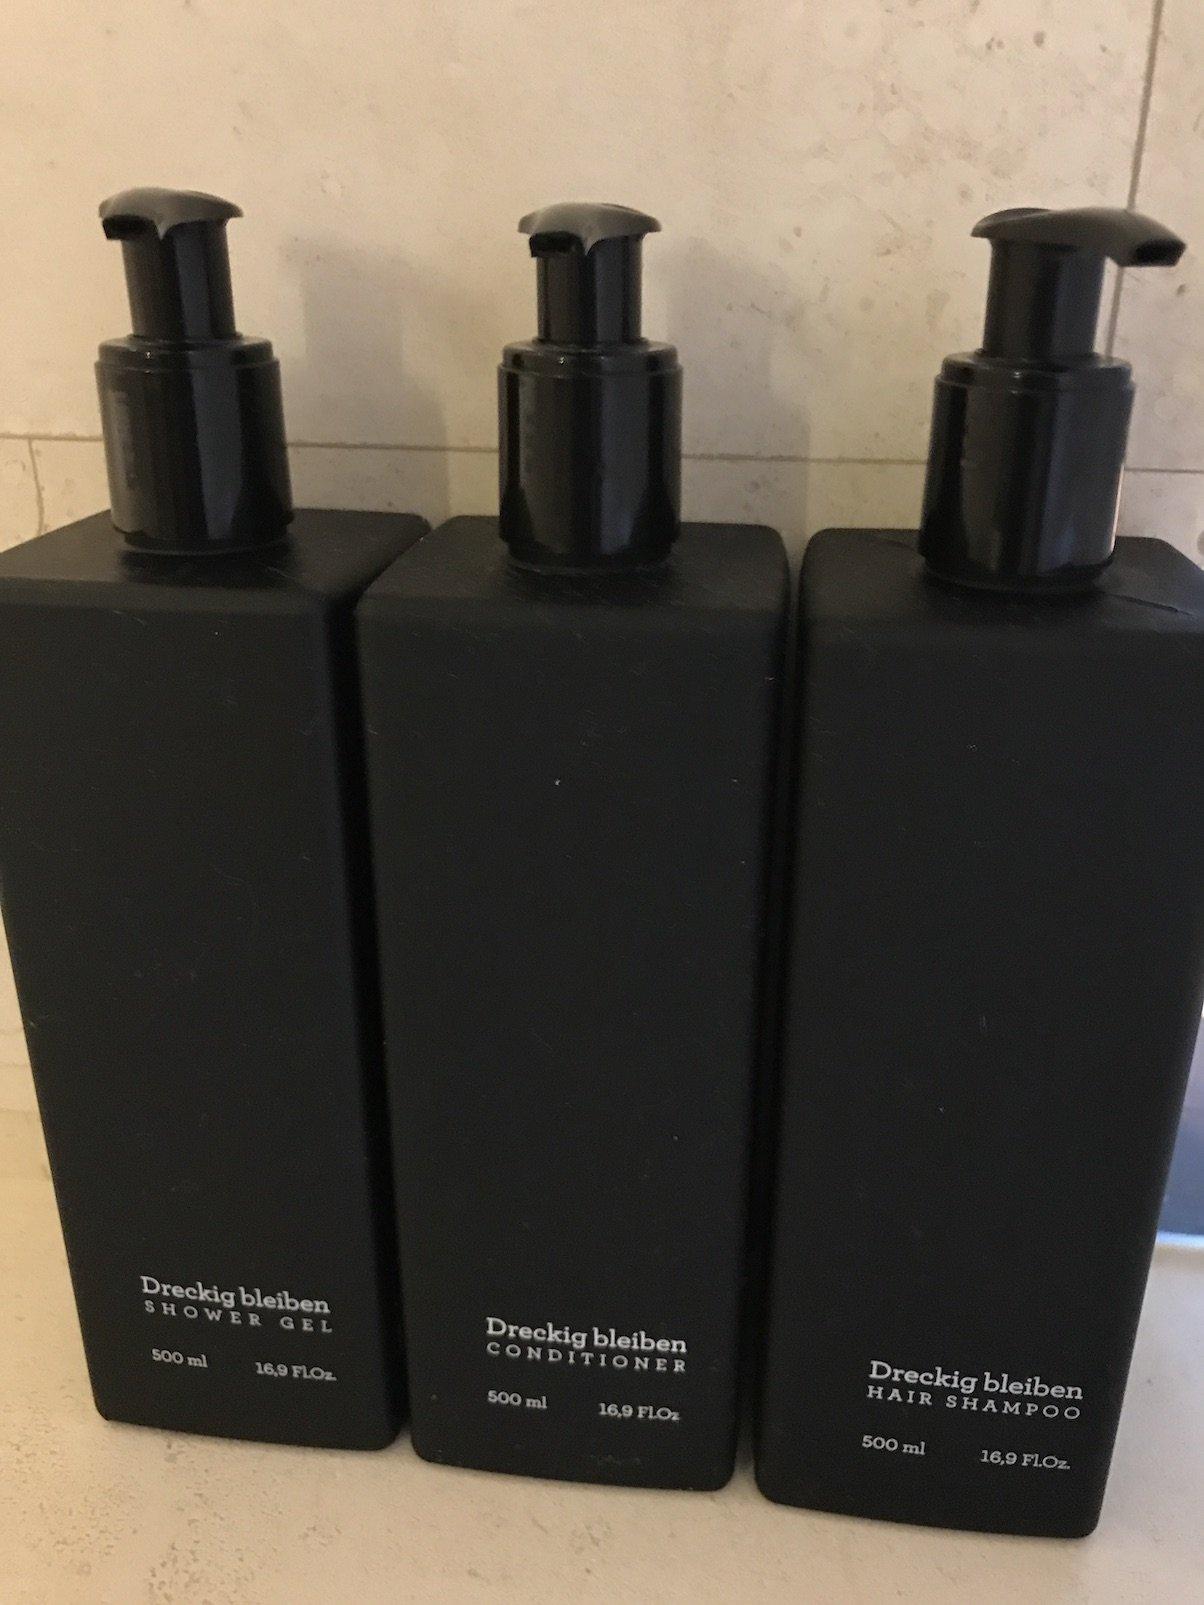 Duschgel, Shampoo und Conditioner: Dreckig bleiben :) im Roomers Baden-Baden